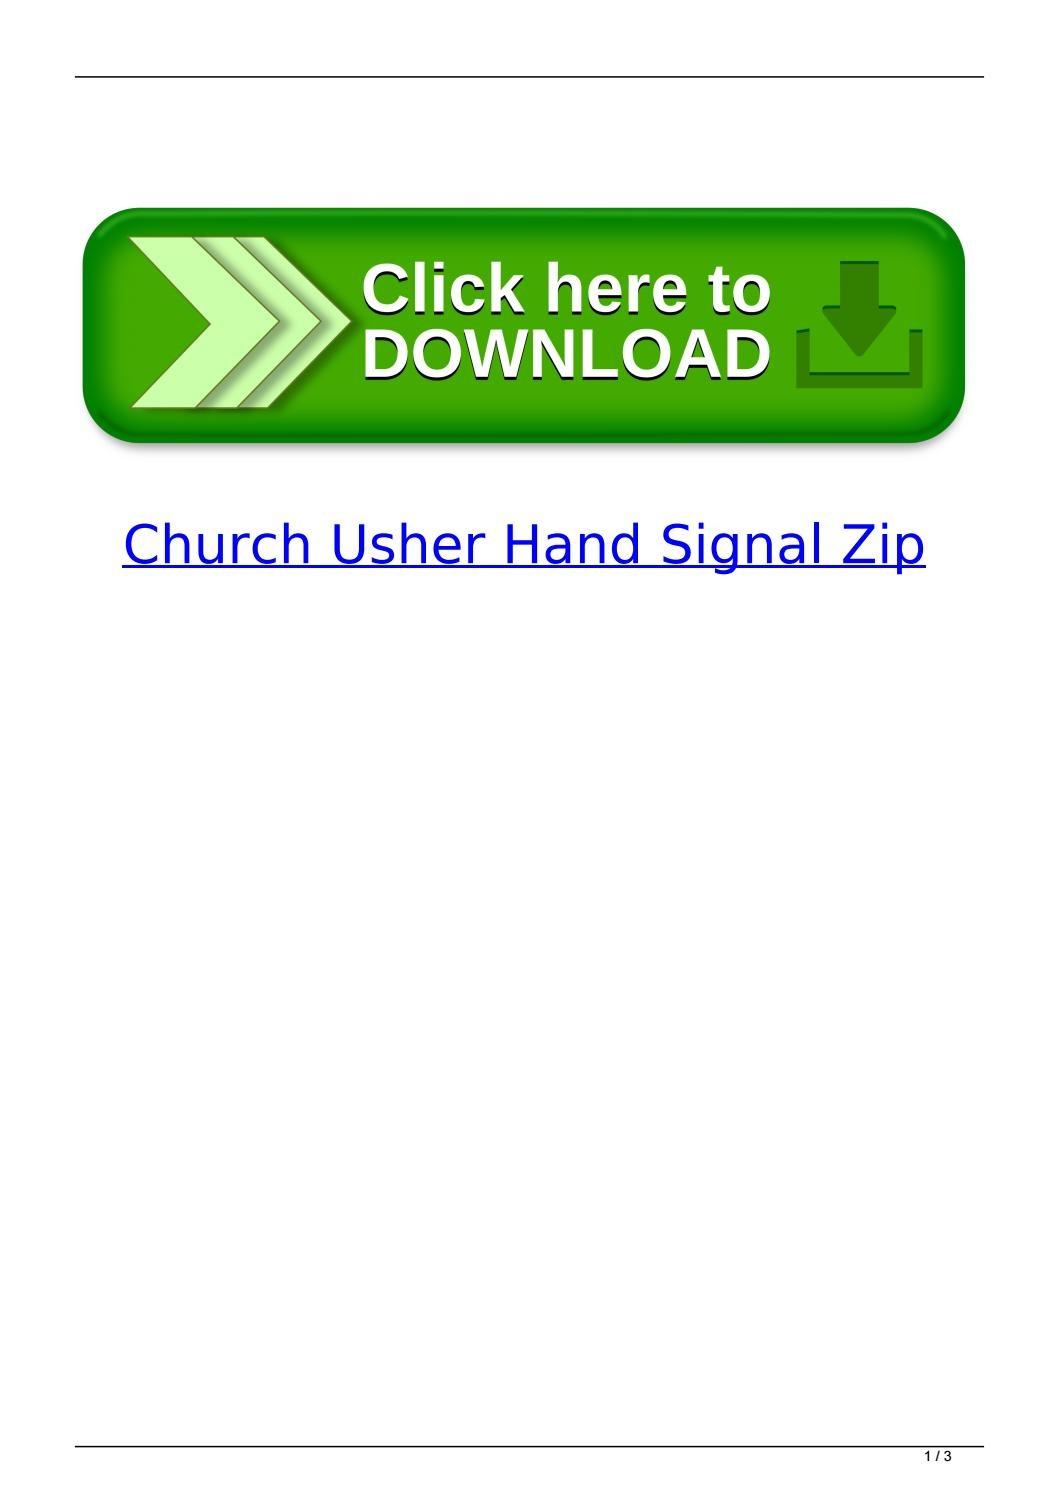 Church Usher Hand Signal Zipviemucnewee - Issuu - Free Printable Church Usher Hand Signals